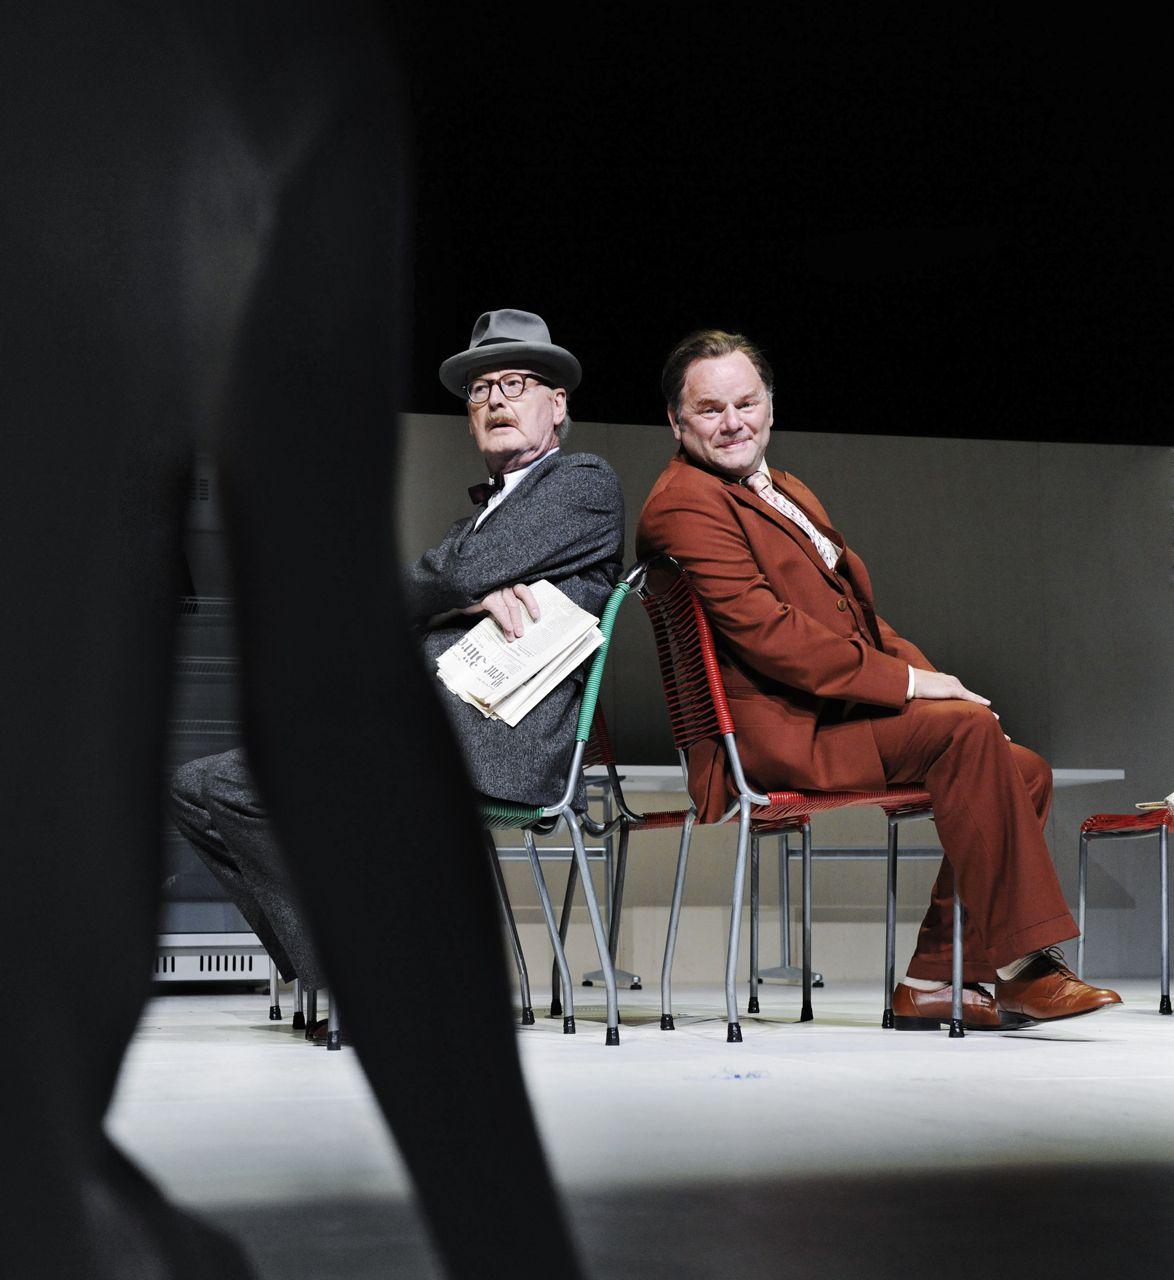 Bild: Myrrha Glawicz (Franzsika Machens) vor Möni Wighart (Jean-Pierre Cornu) und Martin Salander (Gottfried Breitfuss) | Foto/Copyright: Tanja Dorendorf, T+T Fotografie